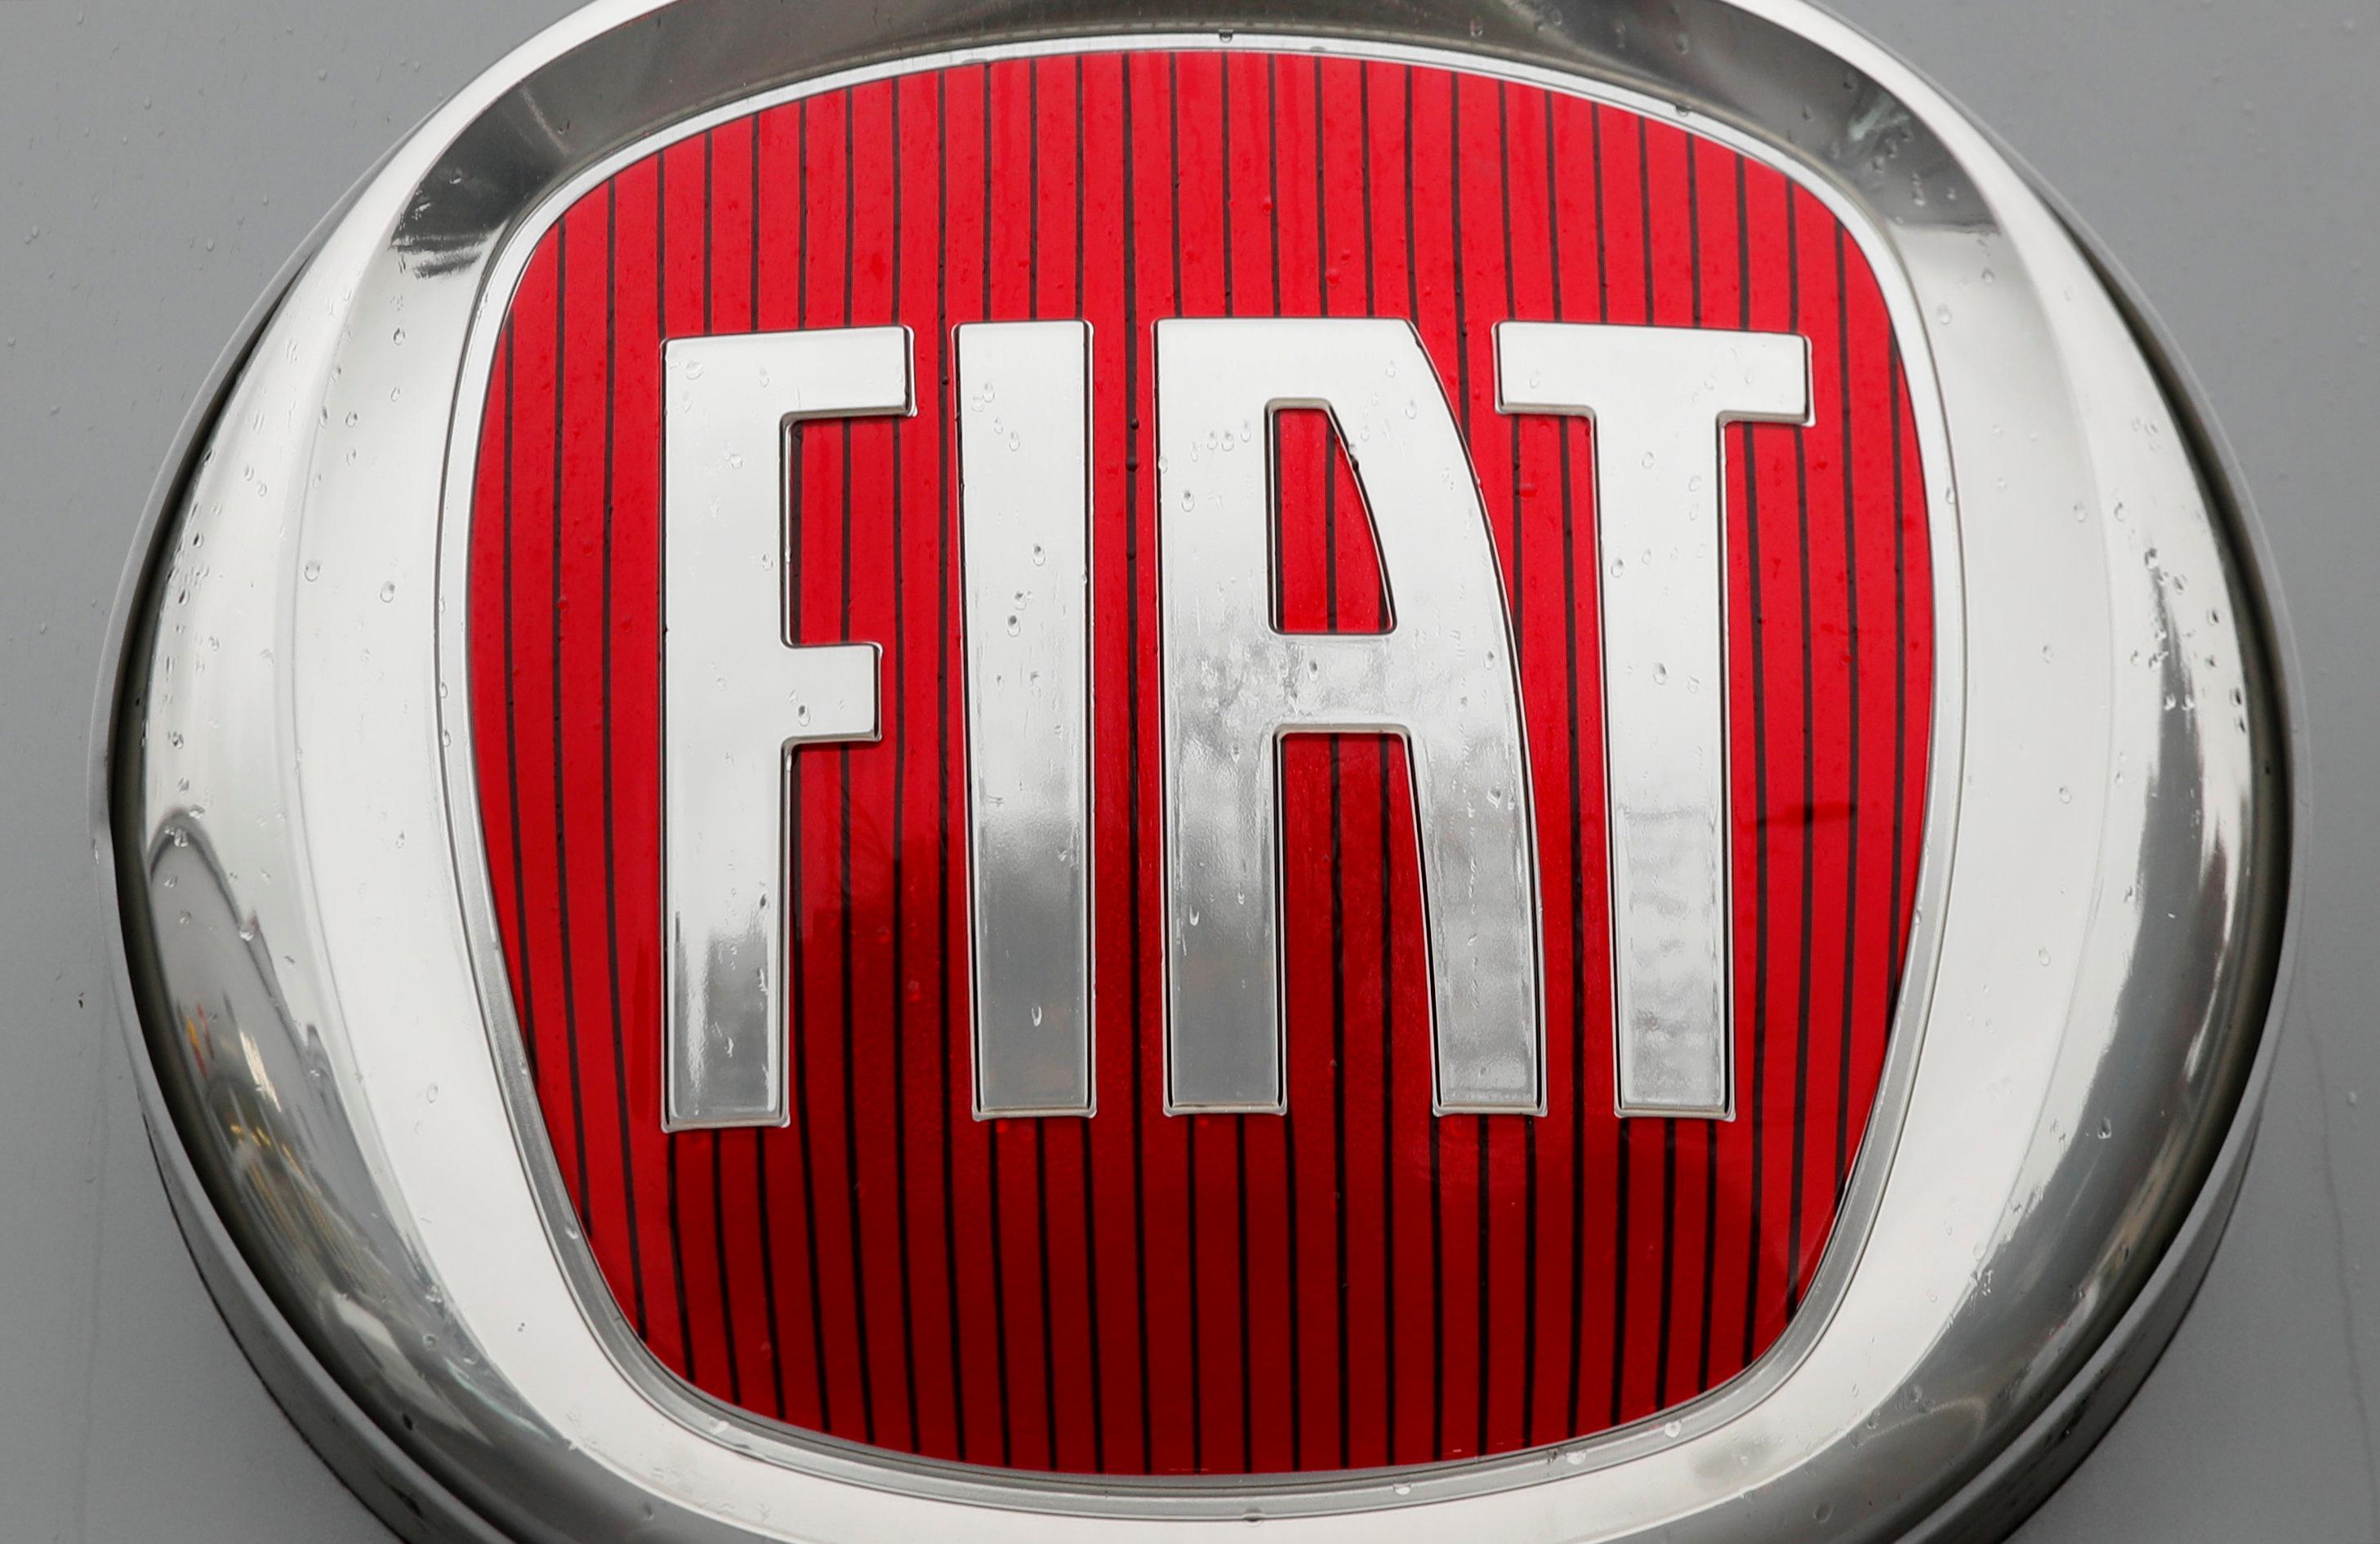 Fiat will 60 Prozent seiner Fahrzeuge elektrifizieren